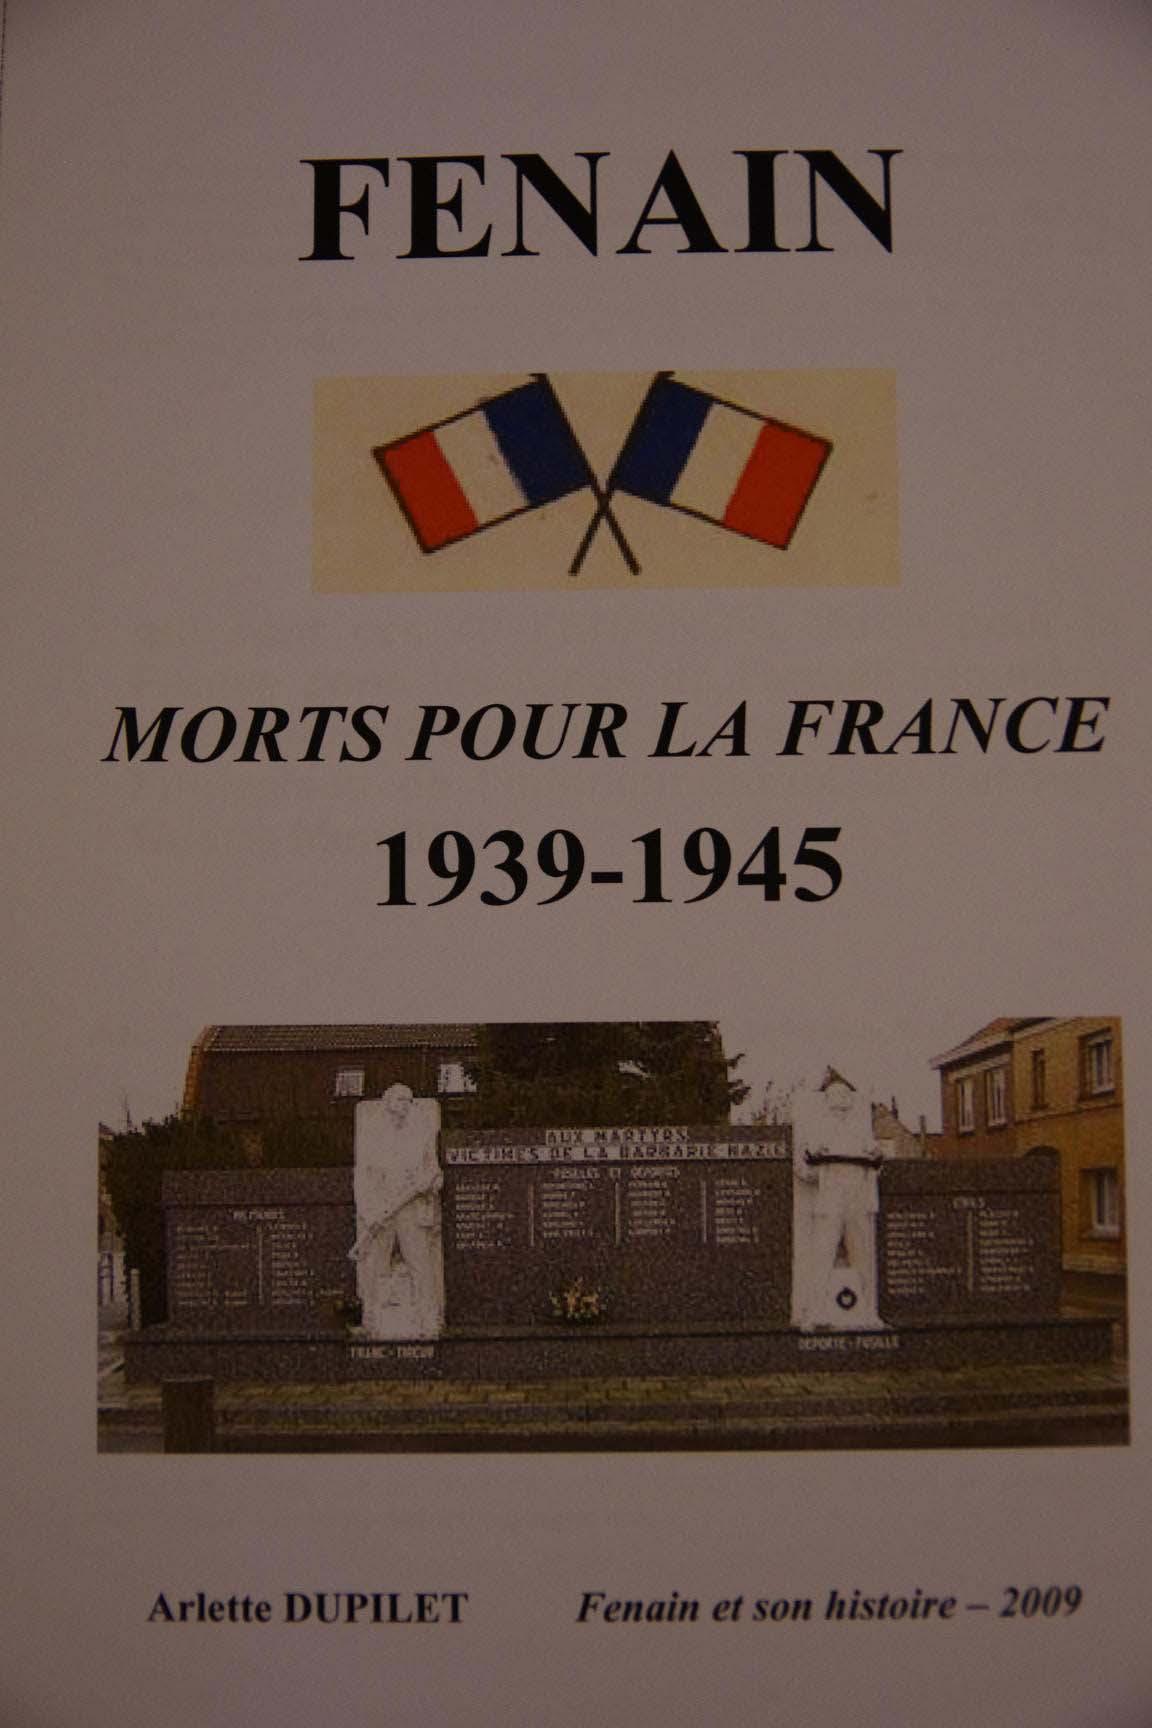 entete publi Fenain morts pour la France 39-45 0.jpg